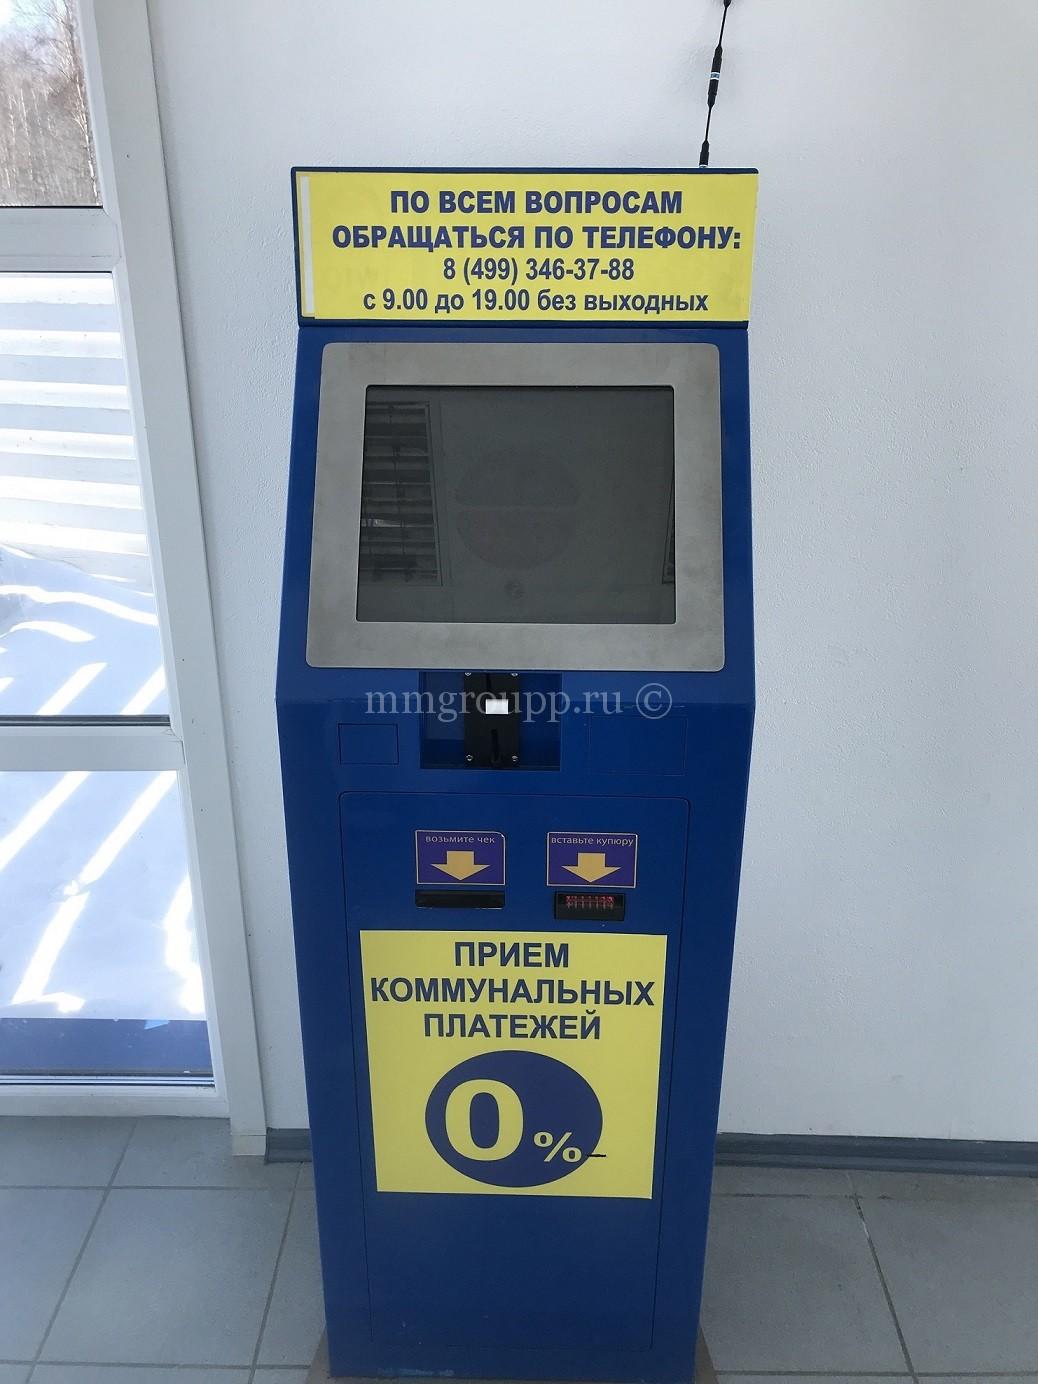 Установлен платежный терминал для оплаты членских взносов